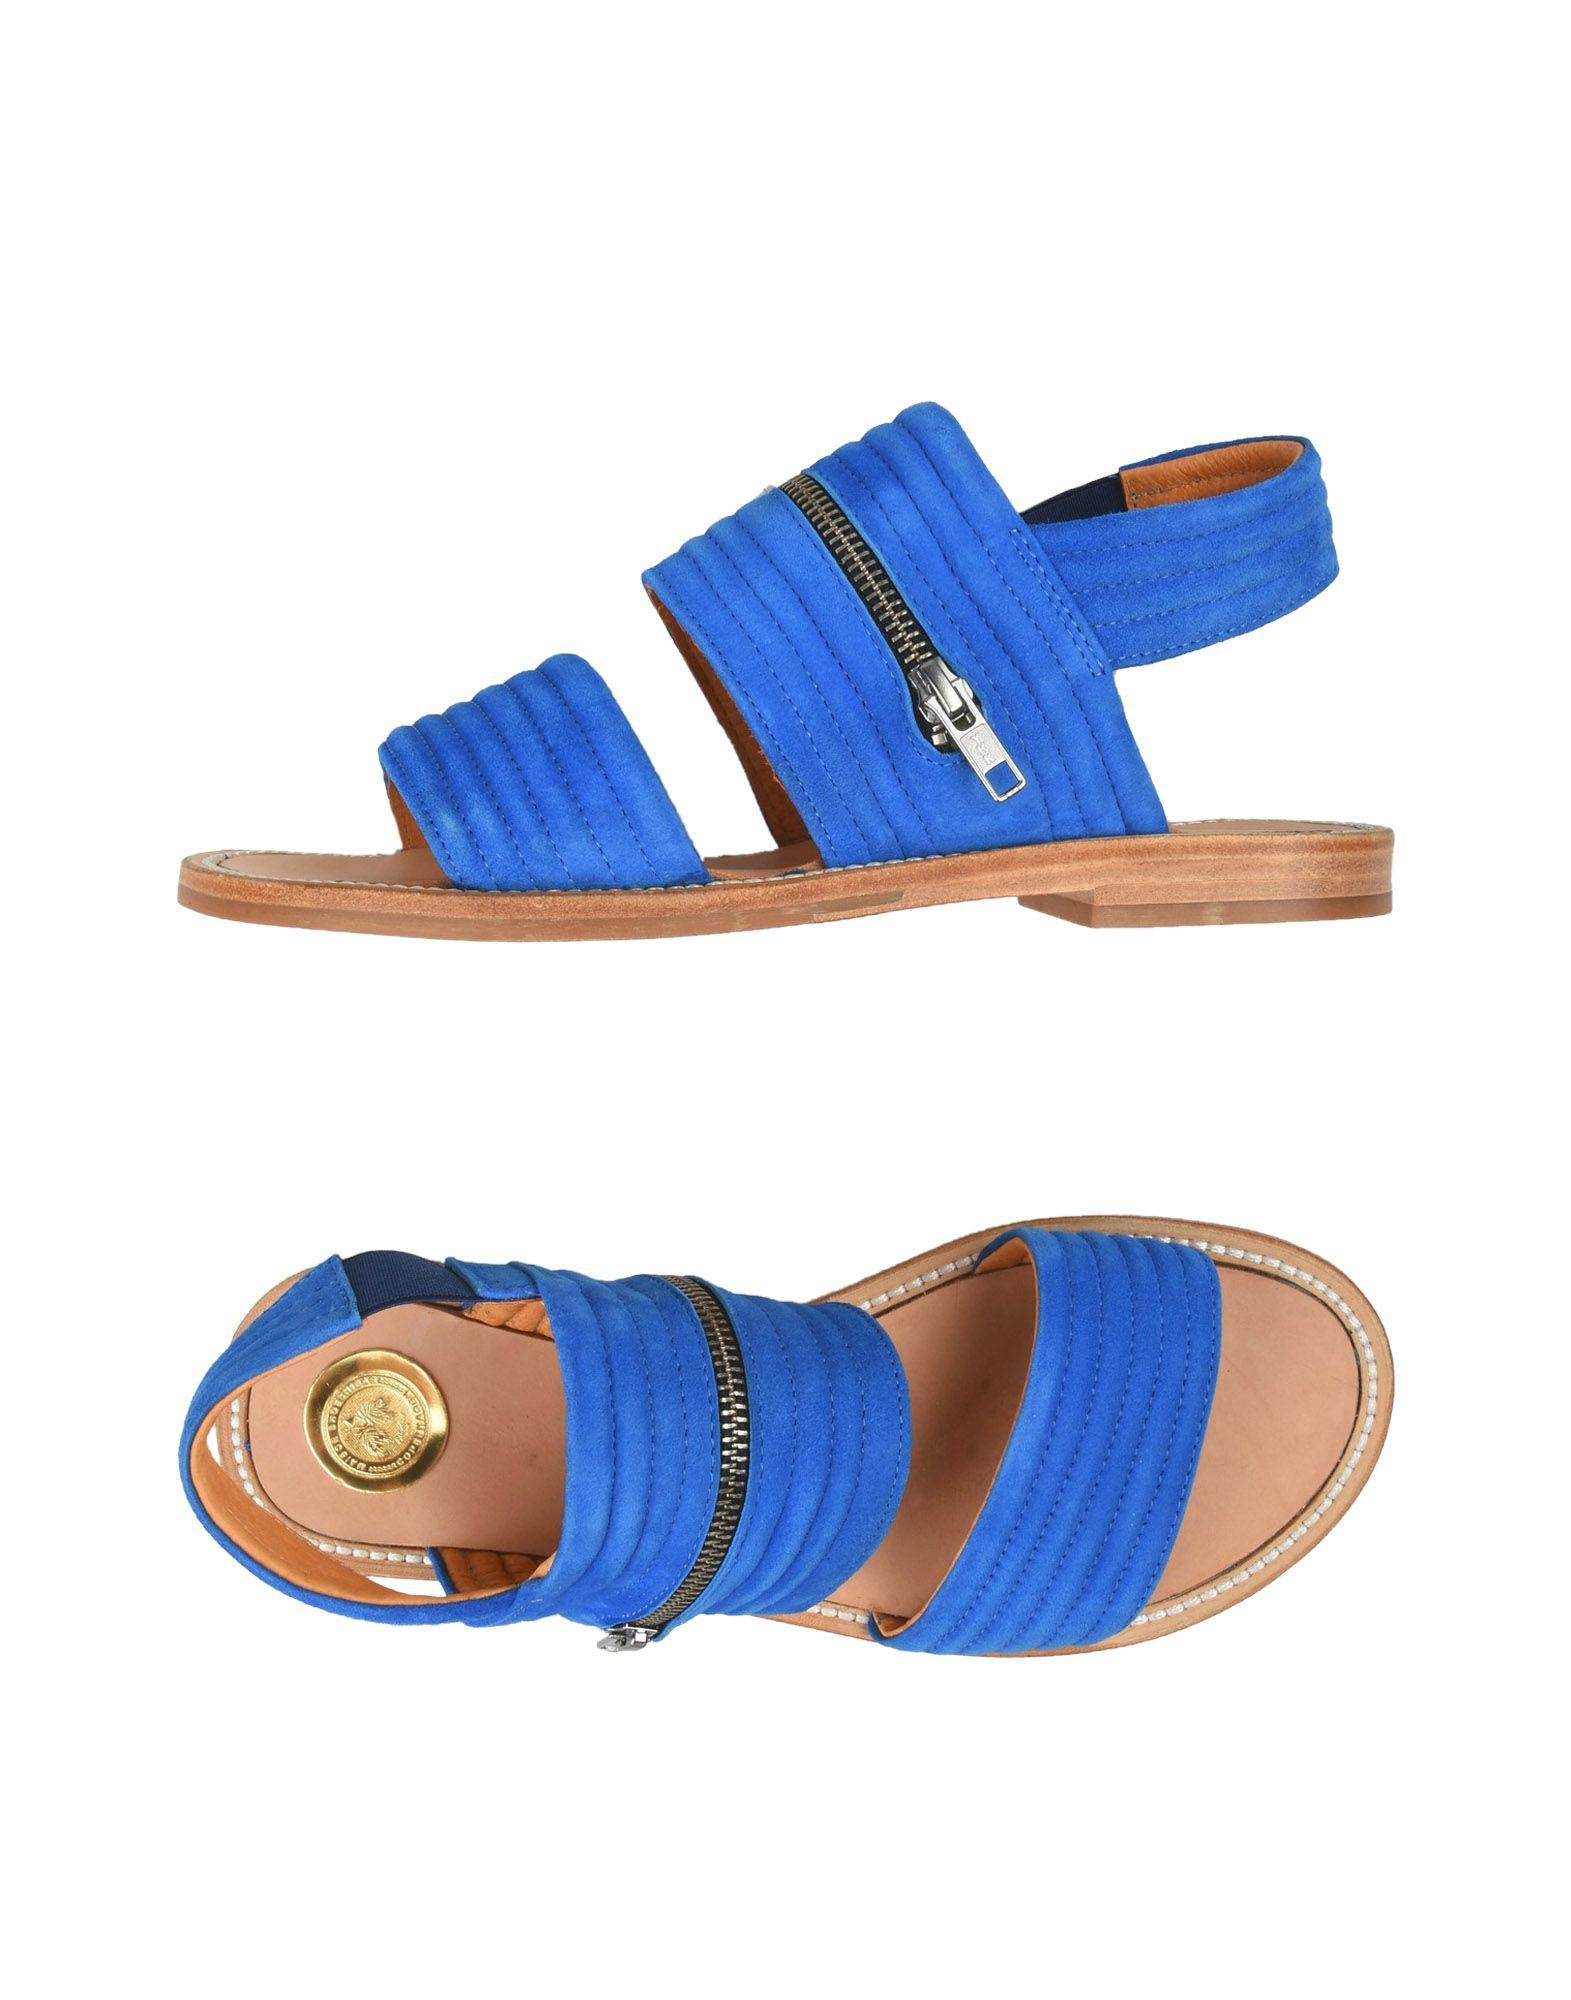 Sandali Jorunn Maison Shoeshibar Jorunn Sandali - Donna - 11226612LS a5b9a5